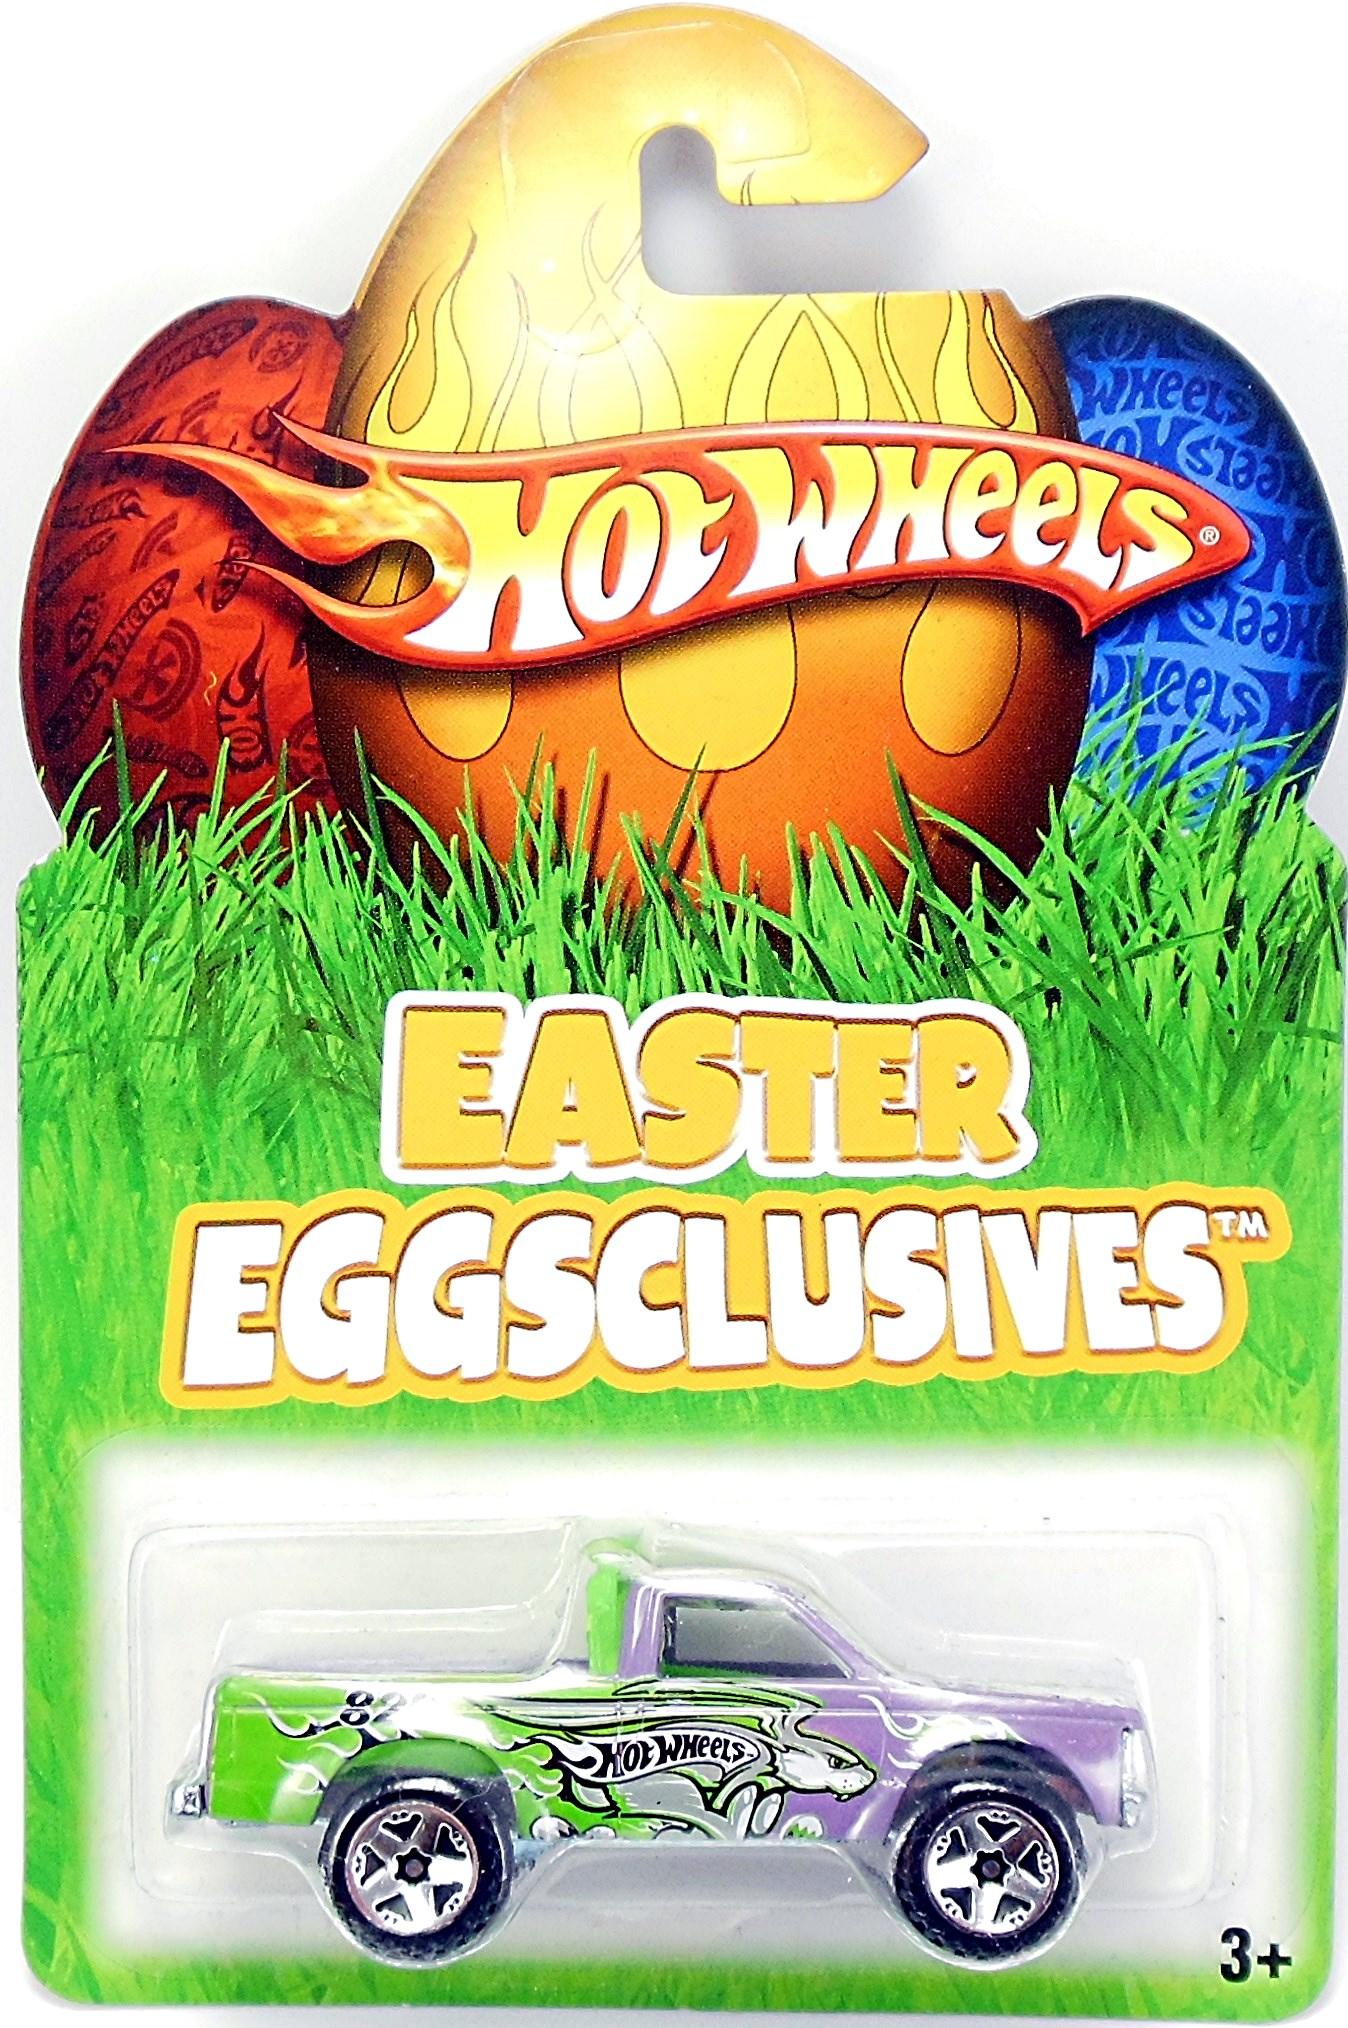 2008 Easter Eggsclusives Hot Wheels Newsletter